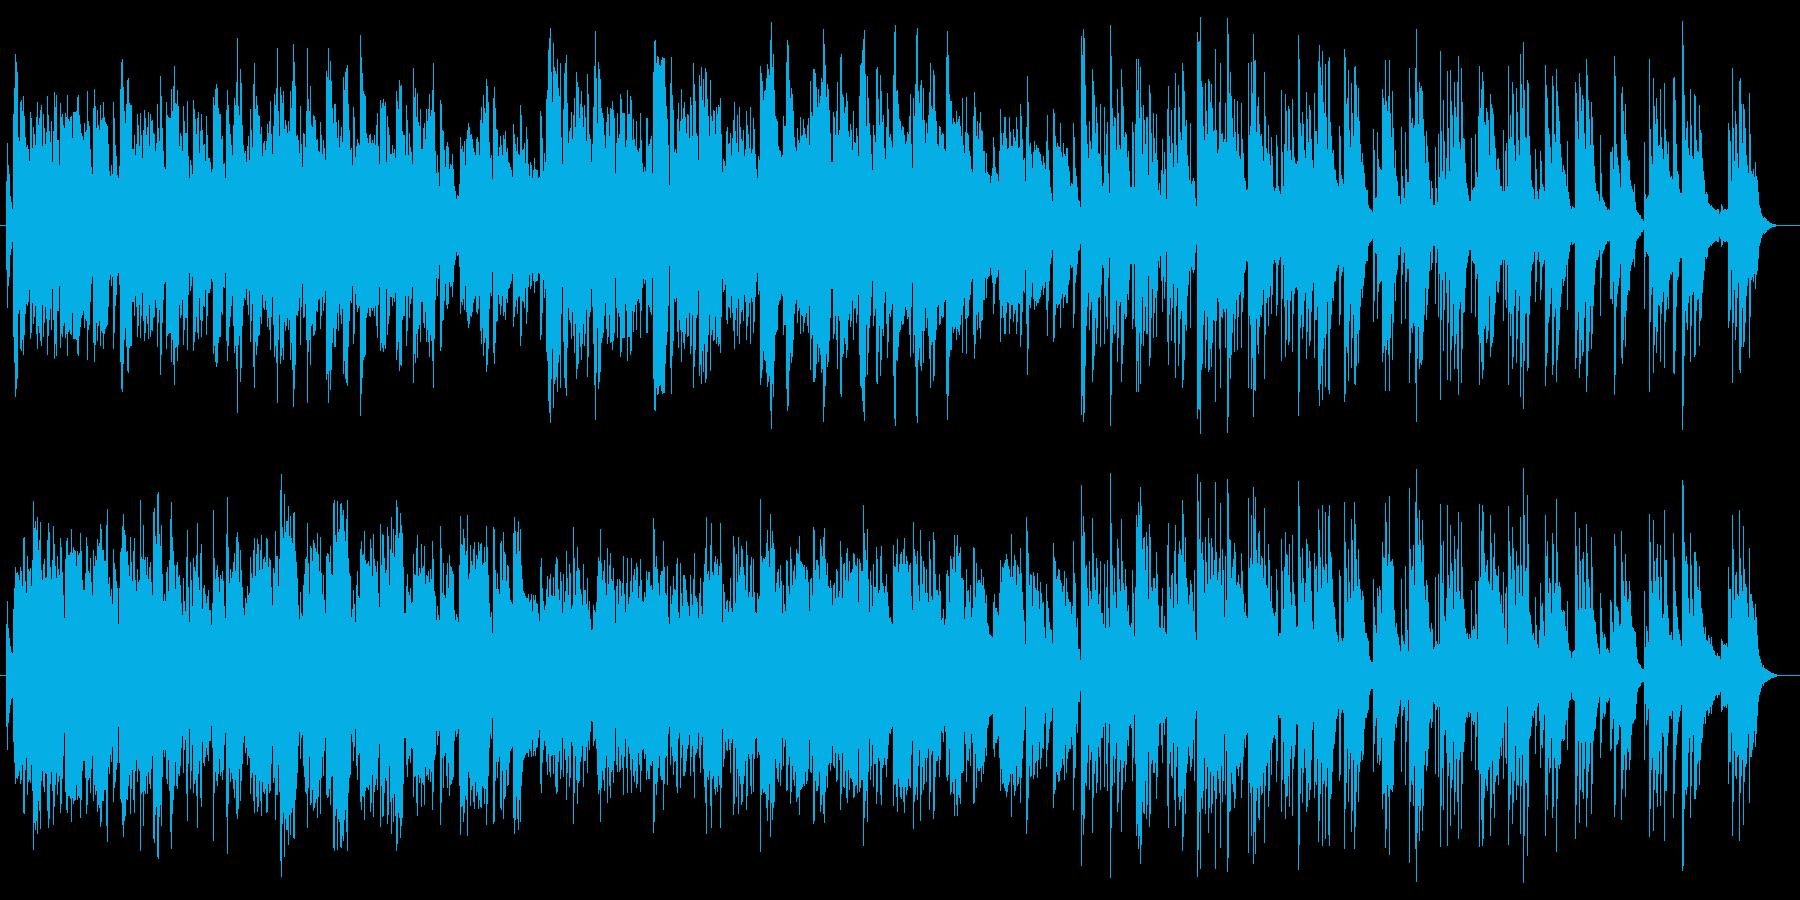 悲しくて切ないピアノ伴奏の音楽の再生済みの波形